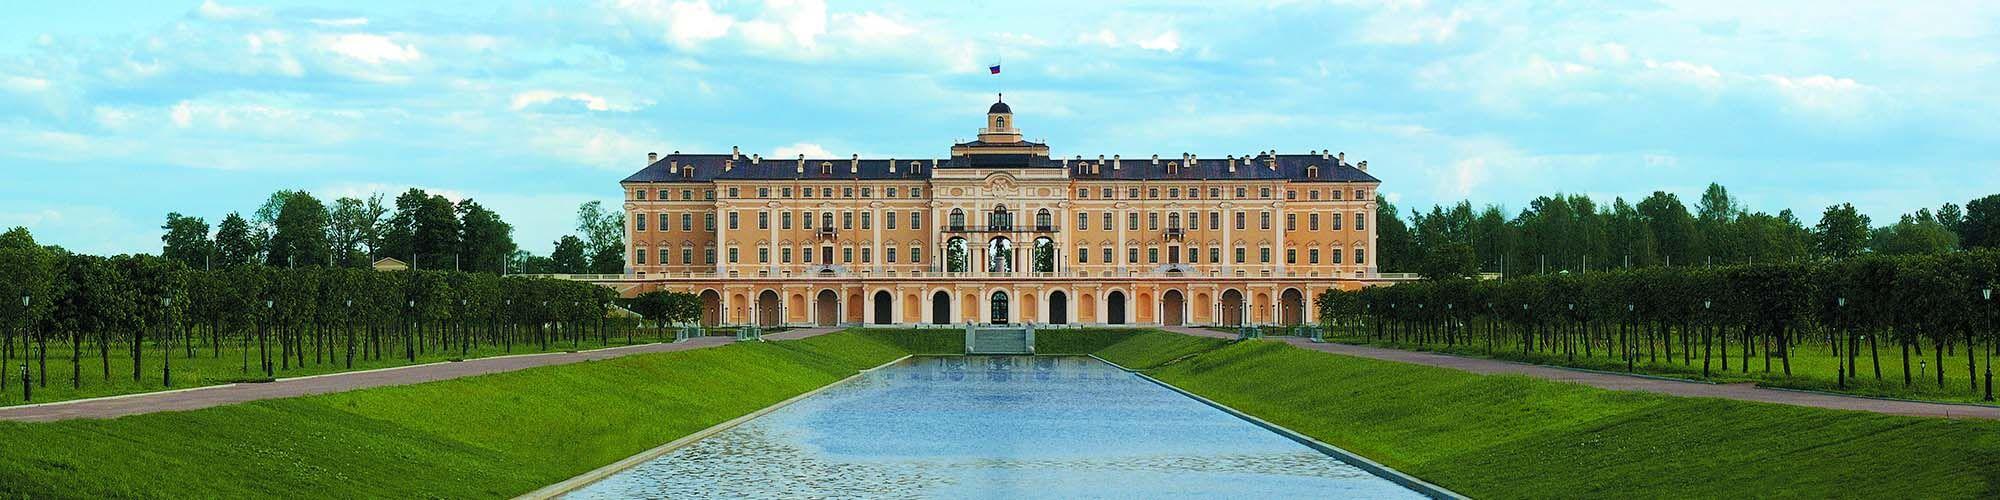 константиновский дворец свадьба